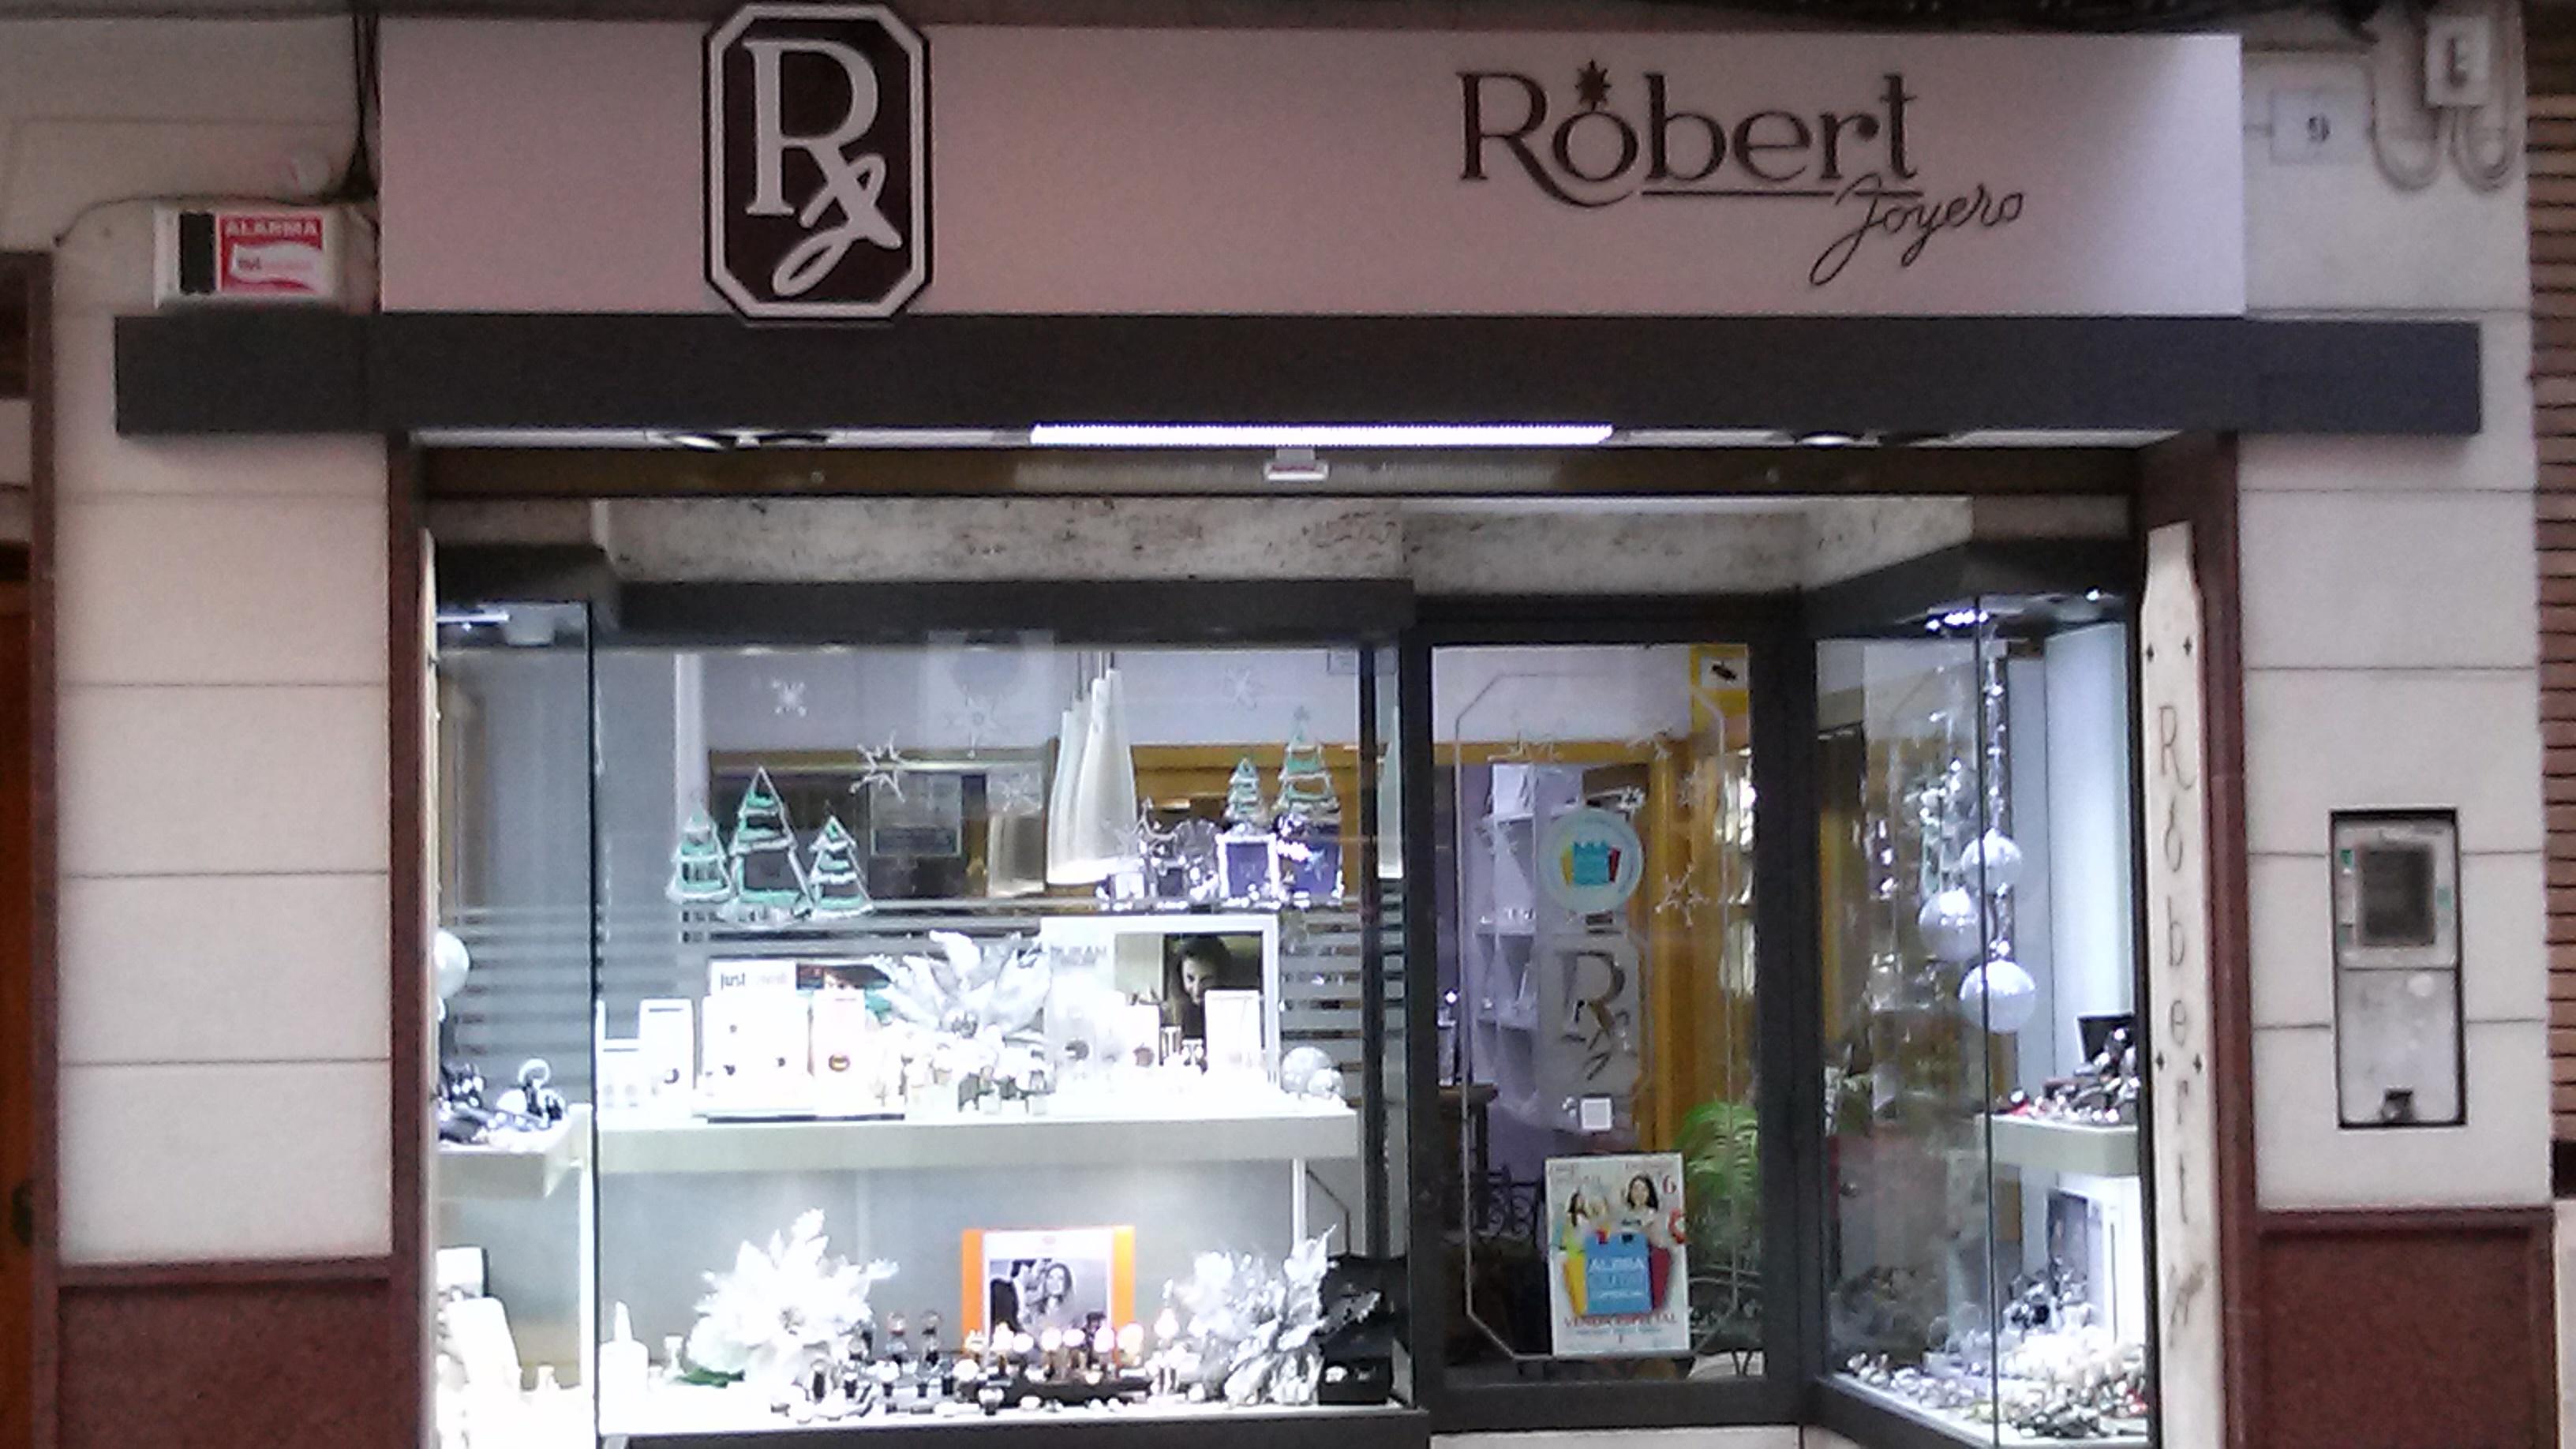 ROBERT JOYERO - ROBERTO CUCARELLA